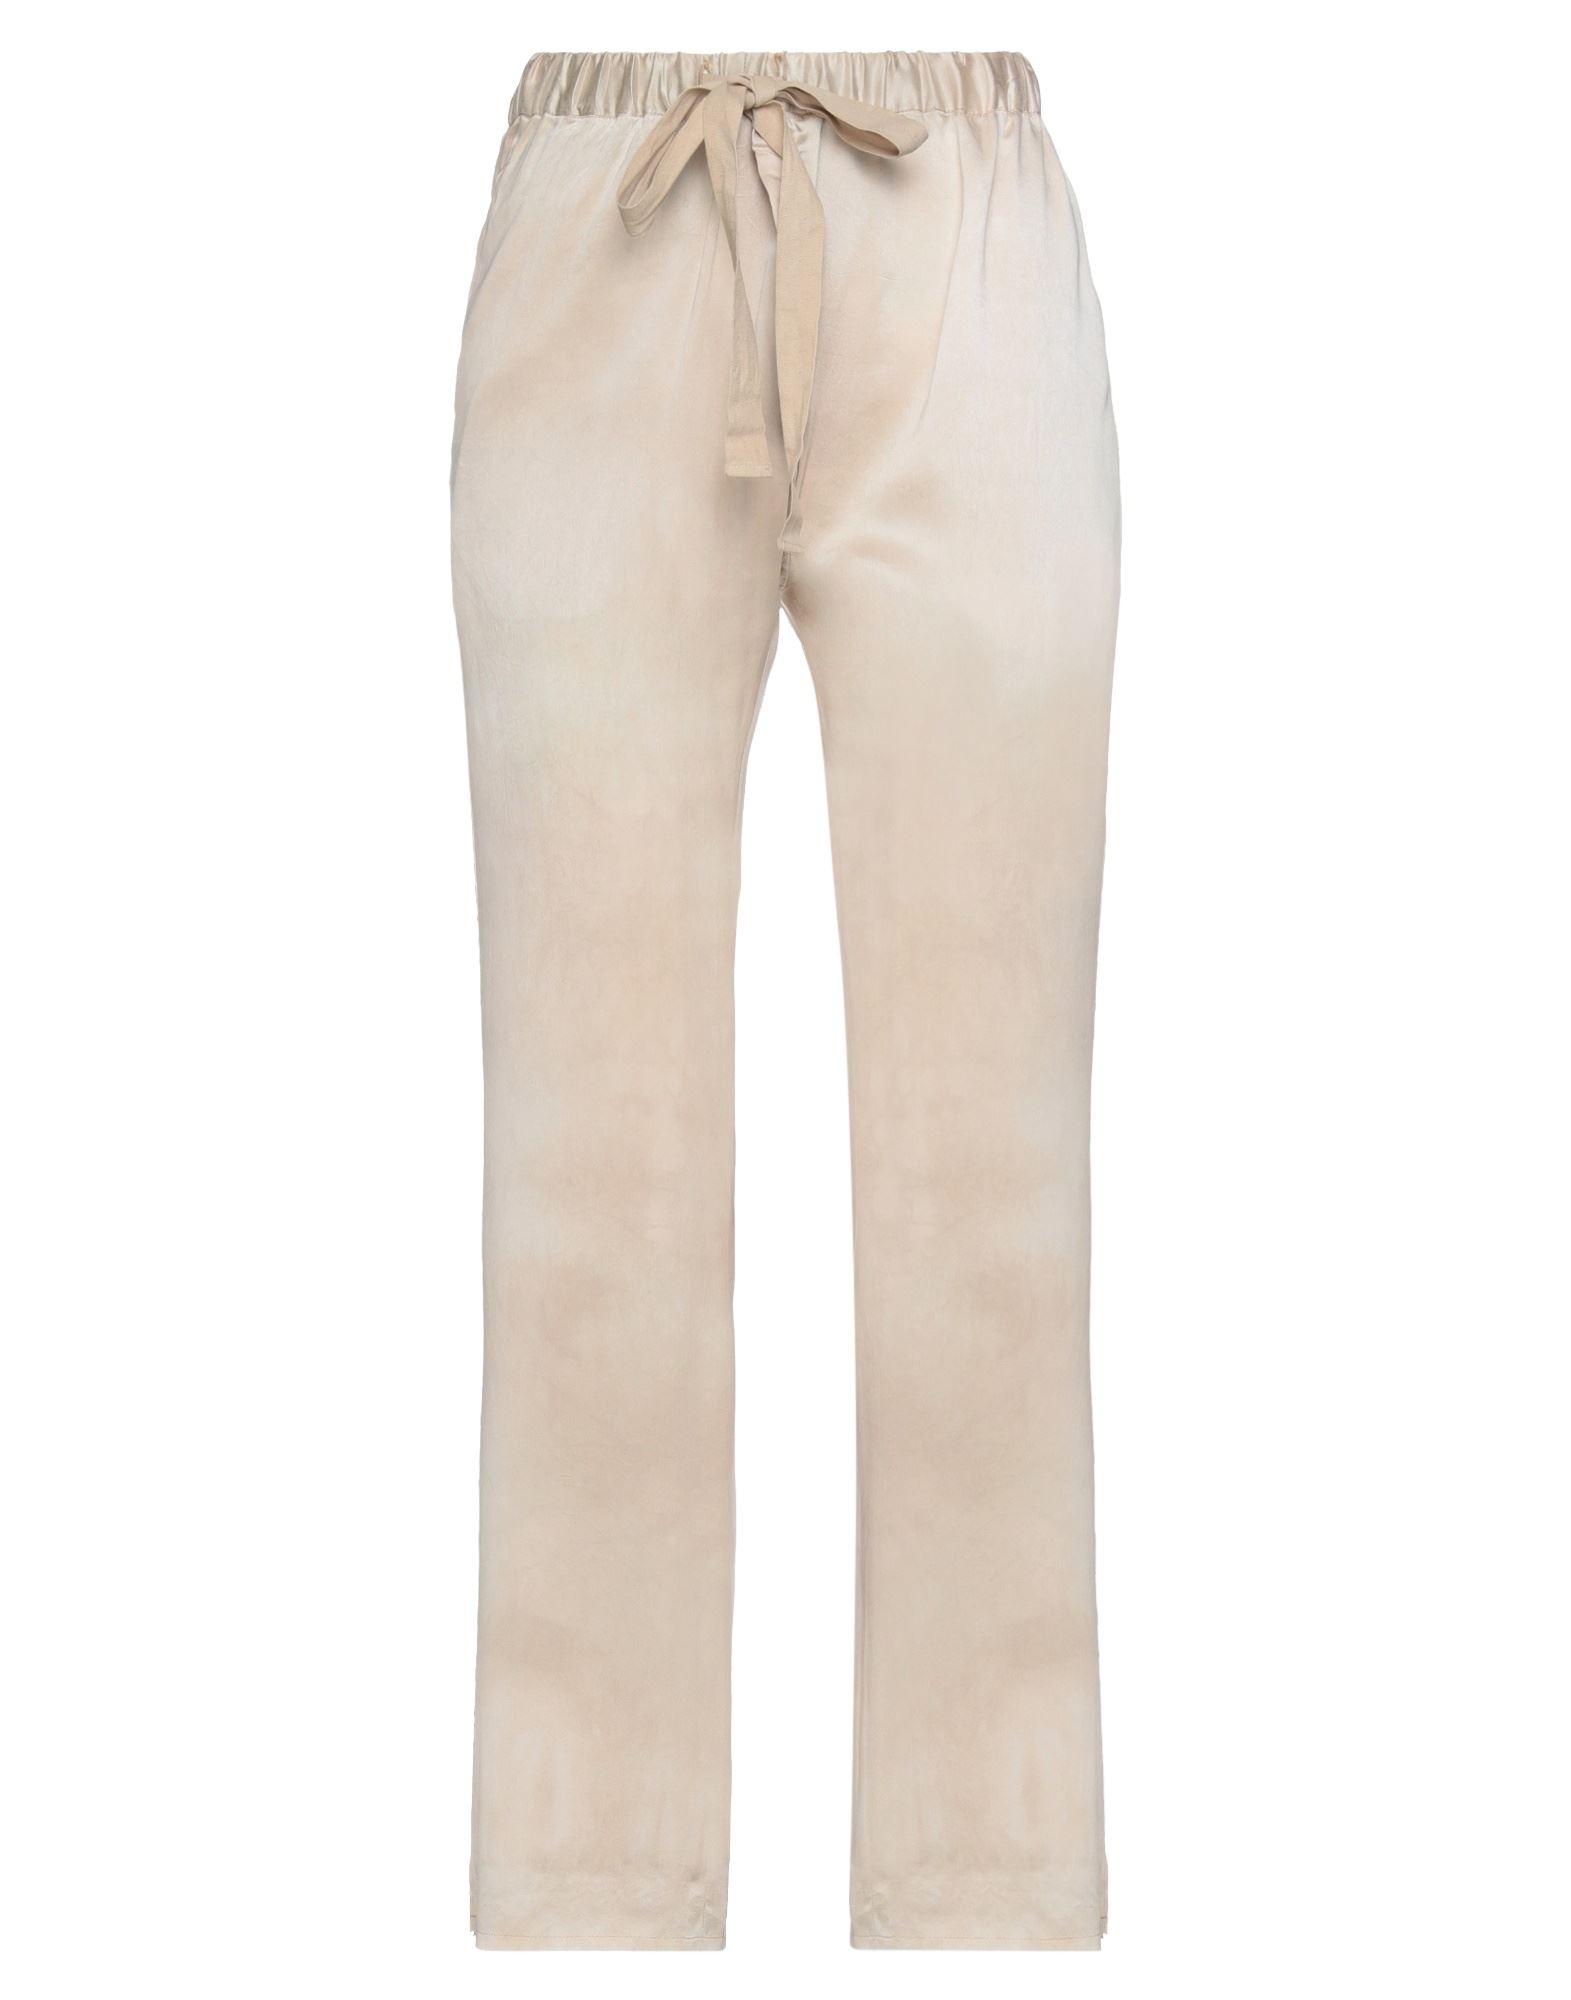 Фото - TANAKA Повседневные брюки yael eylat tanaka die erfolgsmentalität großer führungspersönlichkeiten